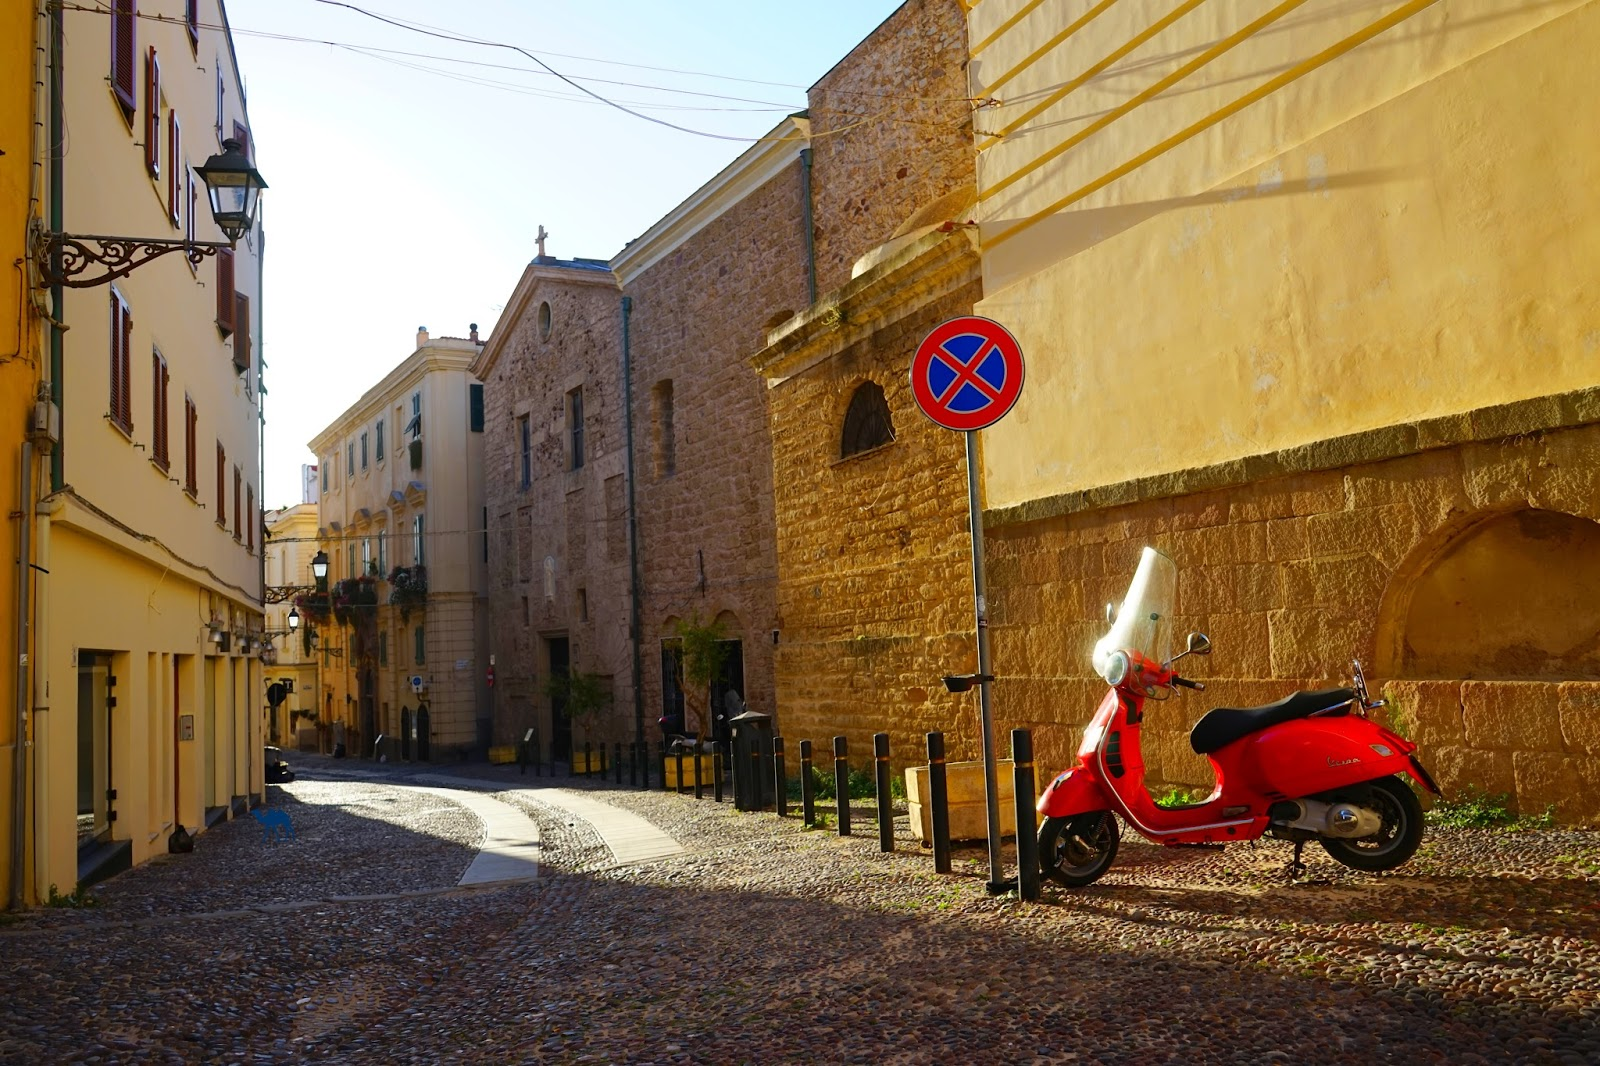 Le Chameau Bleu -  Ruelle de la veille ville d'ALghero